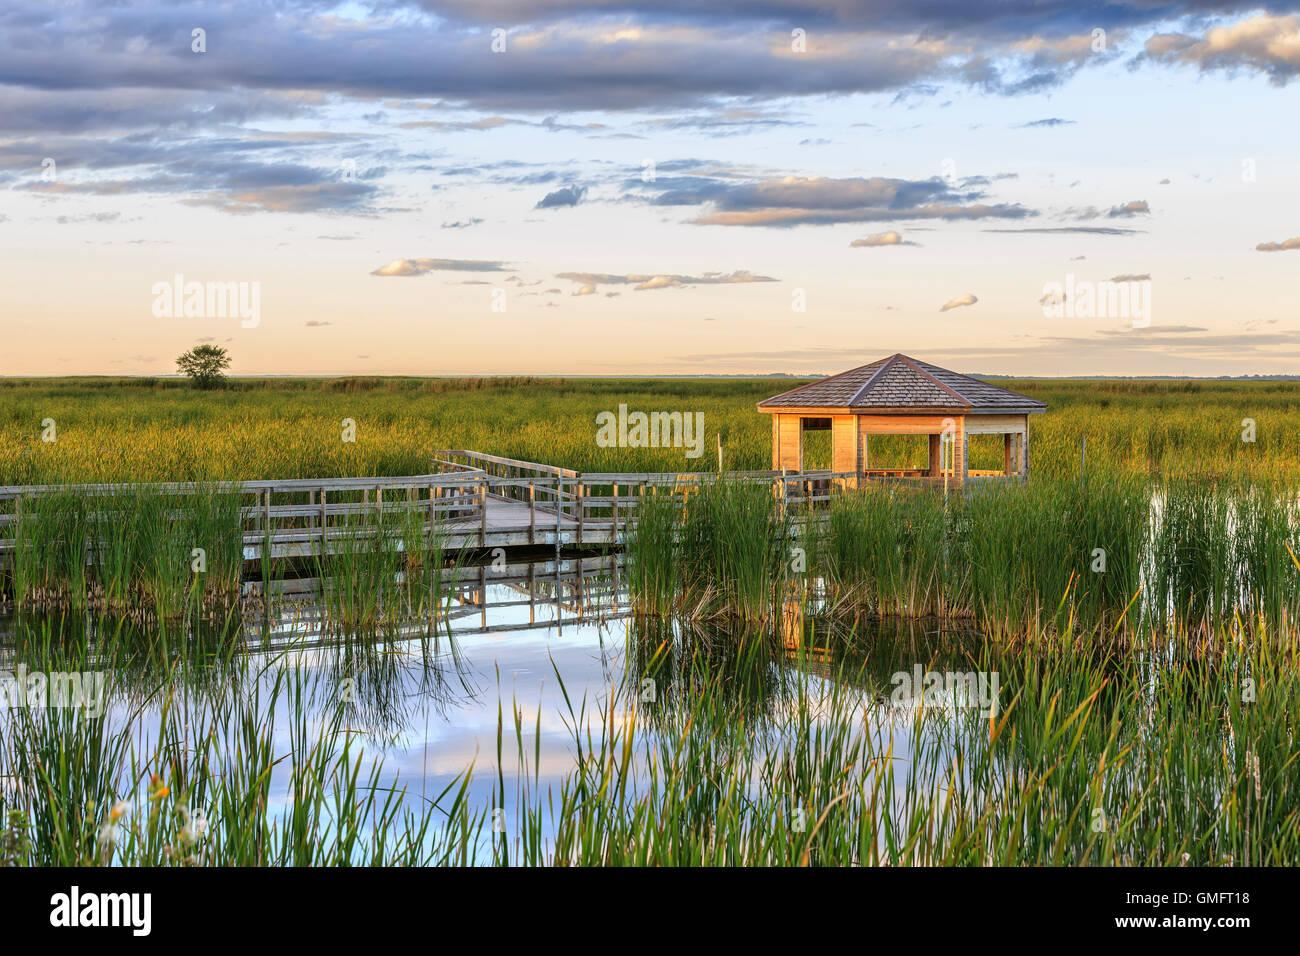 La fauna ciegos, Oak Hammock Marsh, Manitoba, Canadá. Imagen De Stock